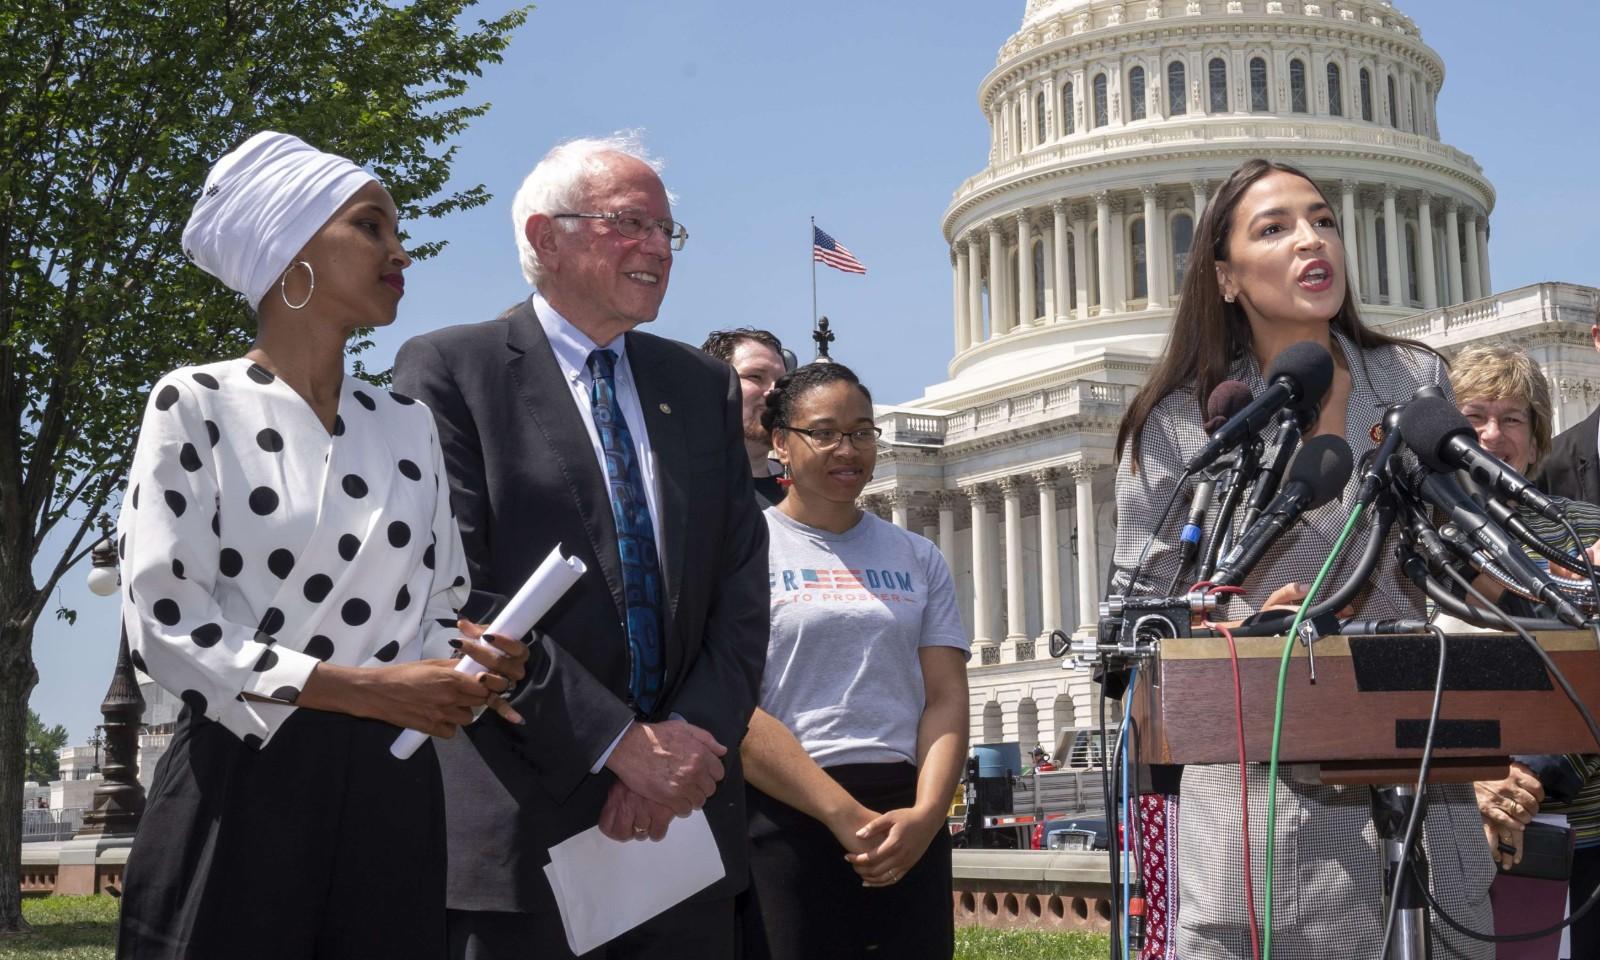 A gauche, les démocrates Ilhan Omar (avec le foulard) et Bernie Sanders. Devant les micros, la démocrate Alexandria Ocasio-Cortez. Le 24 juin 2019 à Washington. © J. Scott Applewhite/AP/SIPA Numéro de reportage: AP22350636_000005